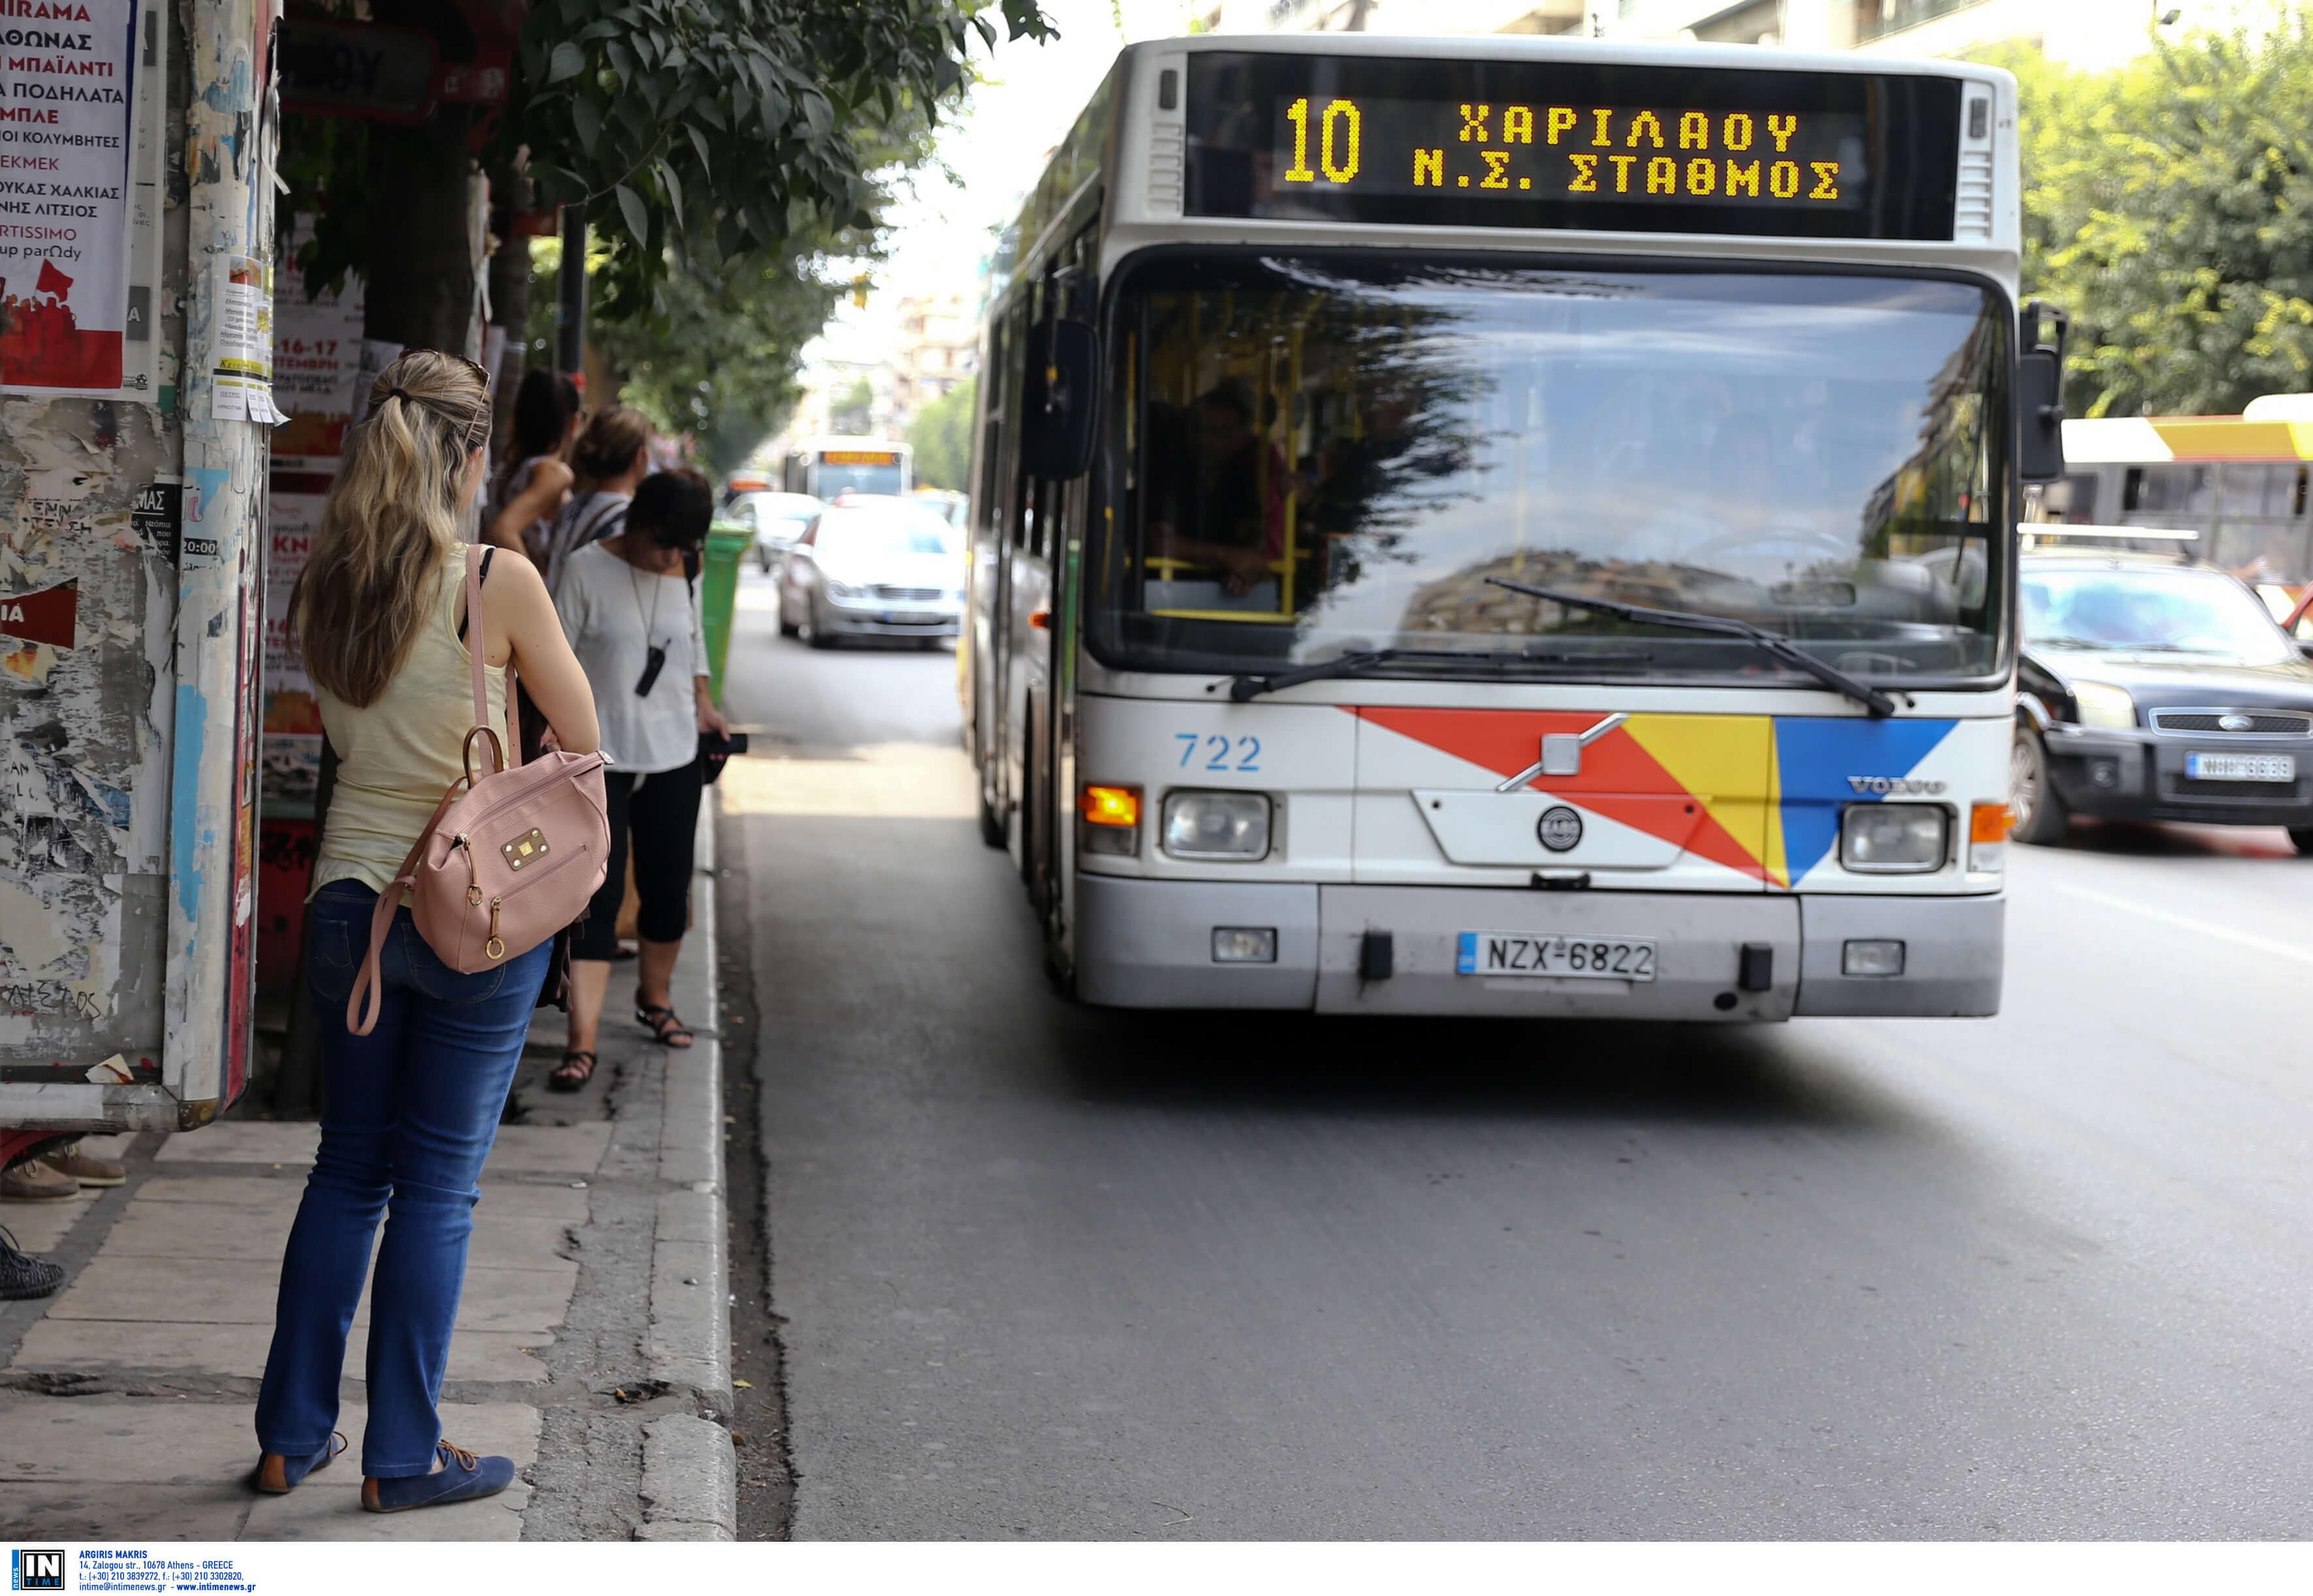 Καιρός – Κακοκαιρία Μήδεια: Νέες αλλαγές στα δρομολόγια λεωφορείων λόγω χιονιού